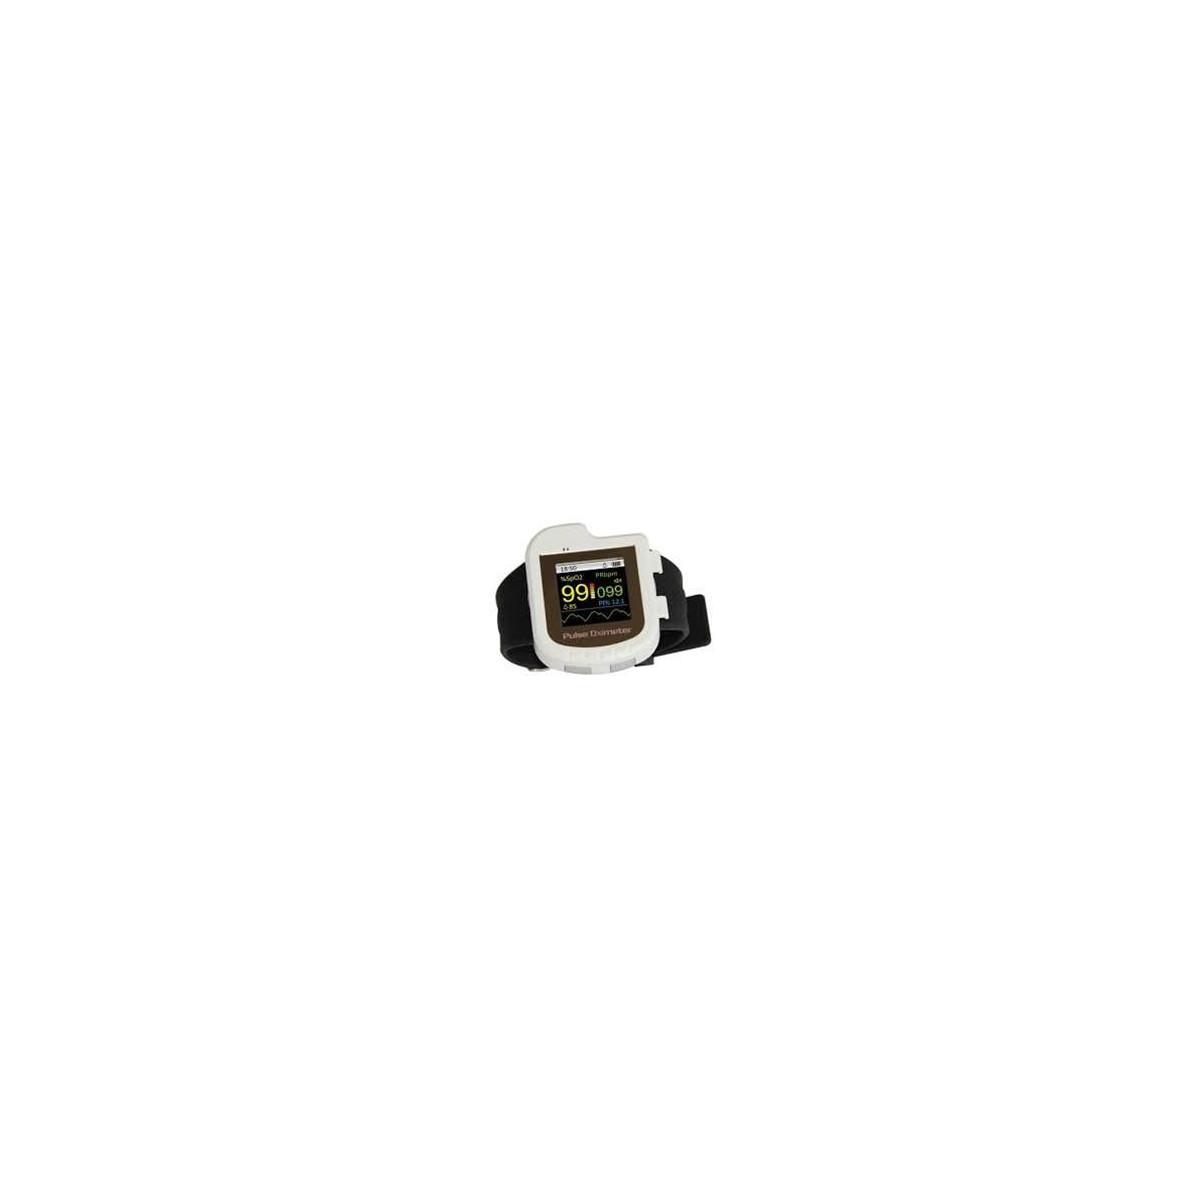 Οξύμετρο καρπού - ρολόι με καταγραφή My-SPO2 Watch